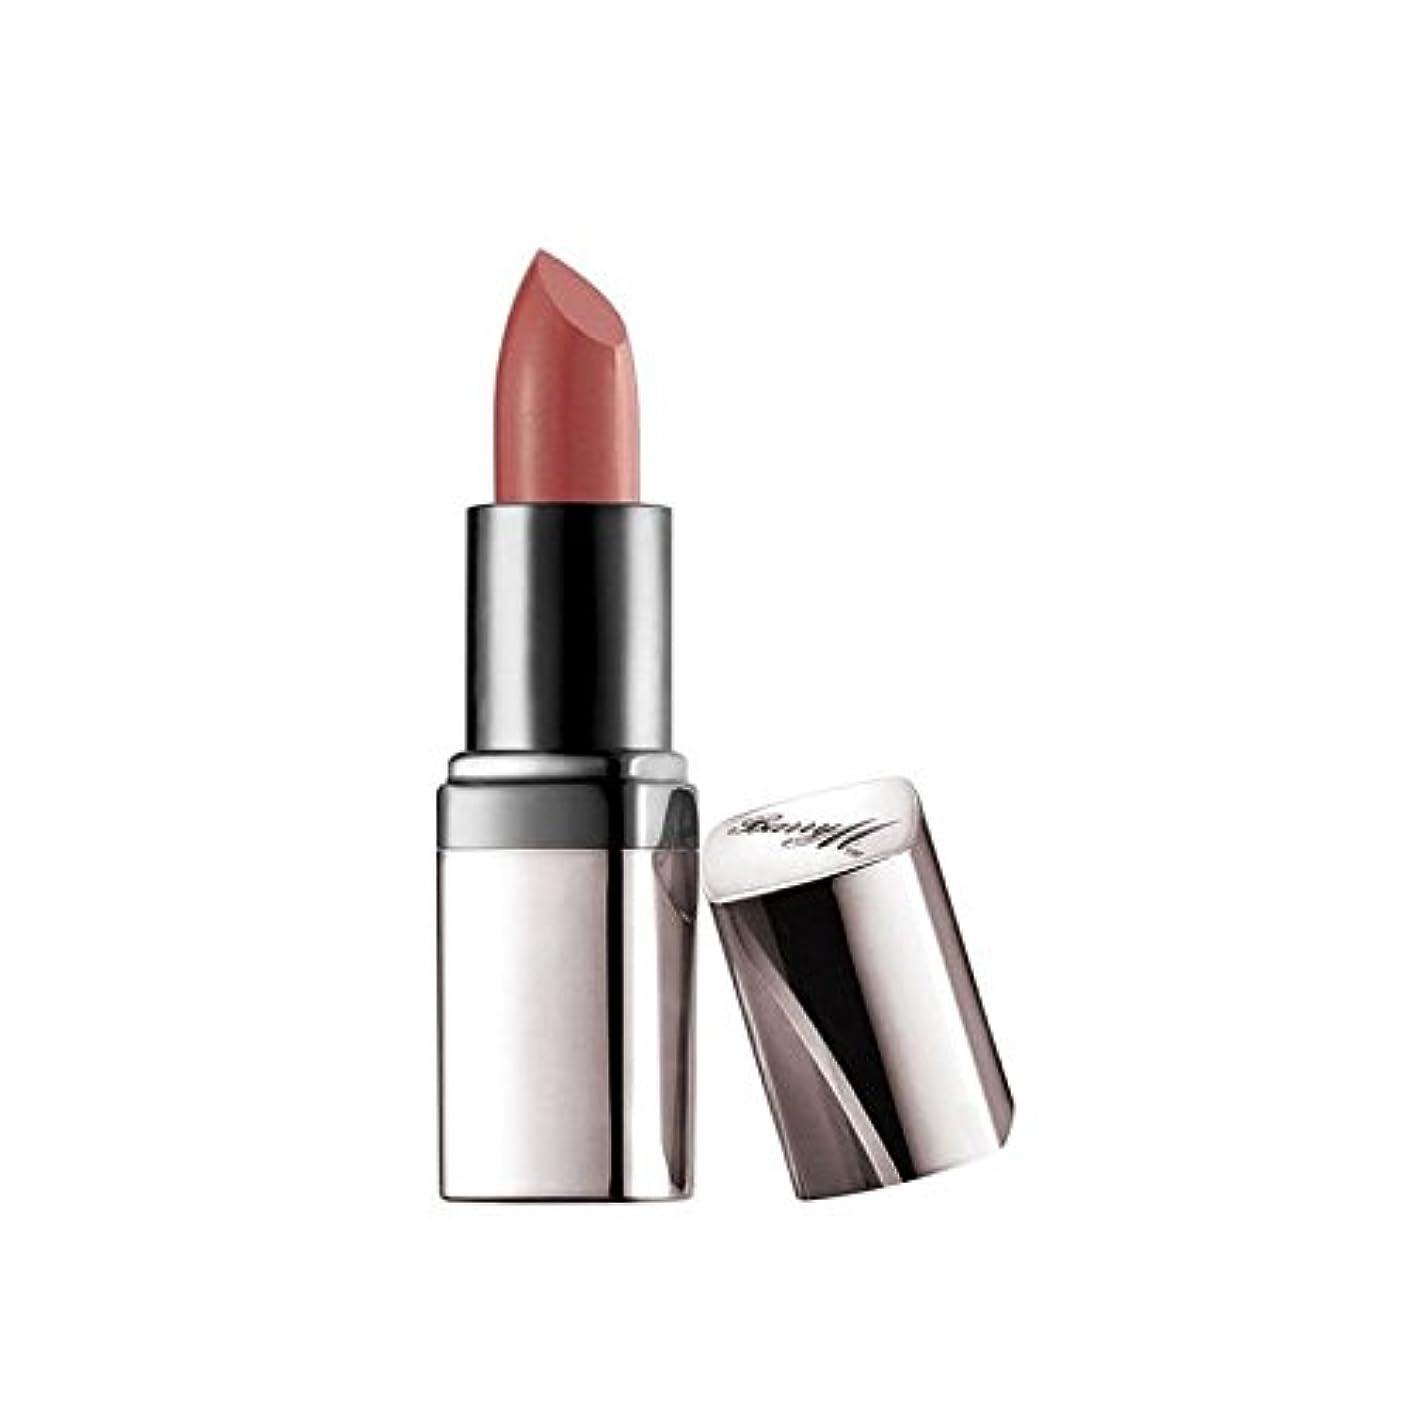 不機嫌そうな報酬責めバリーメートルサテン超滑らかなリップペイント - x2 - Barry M Satin Super Slick Lip Paint - Nuditude (Pack of 2) [並行輸入品]